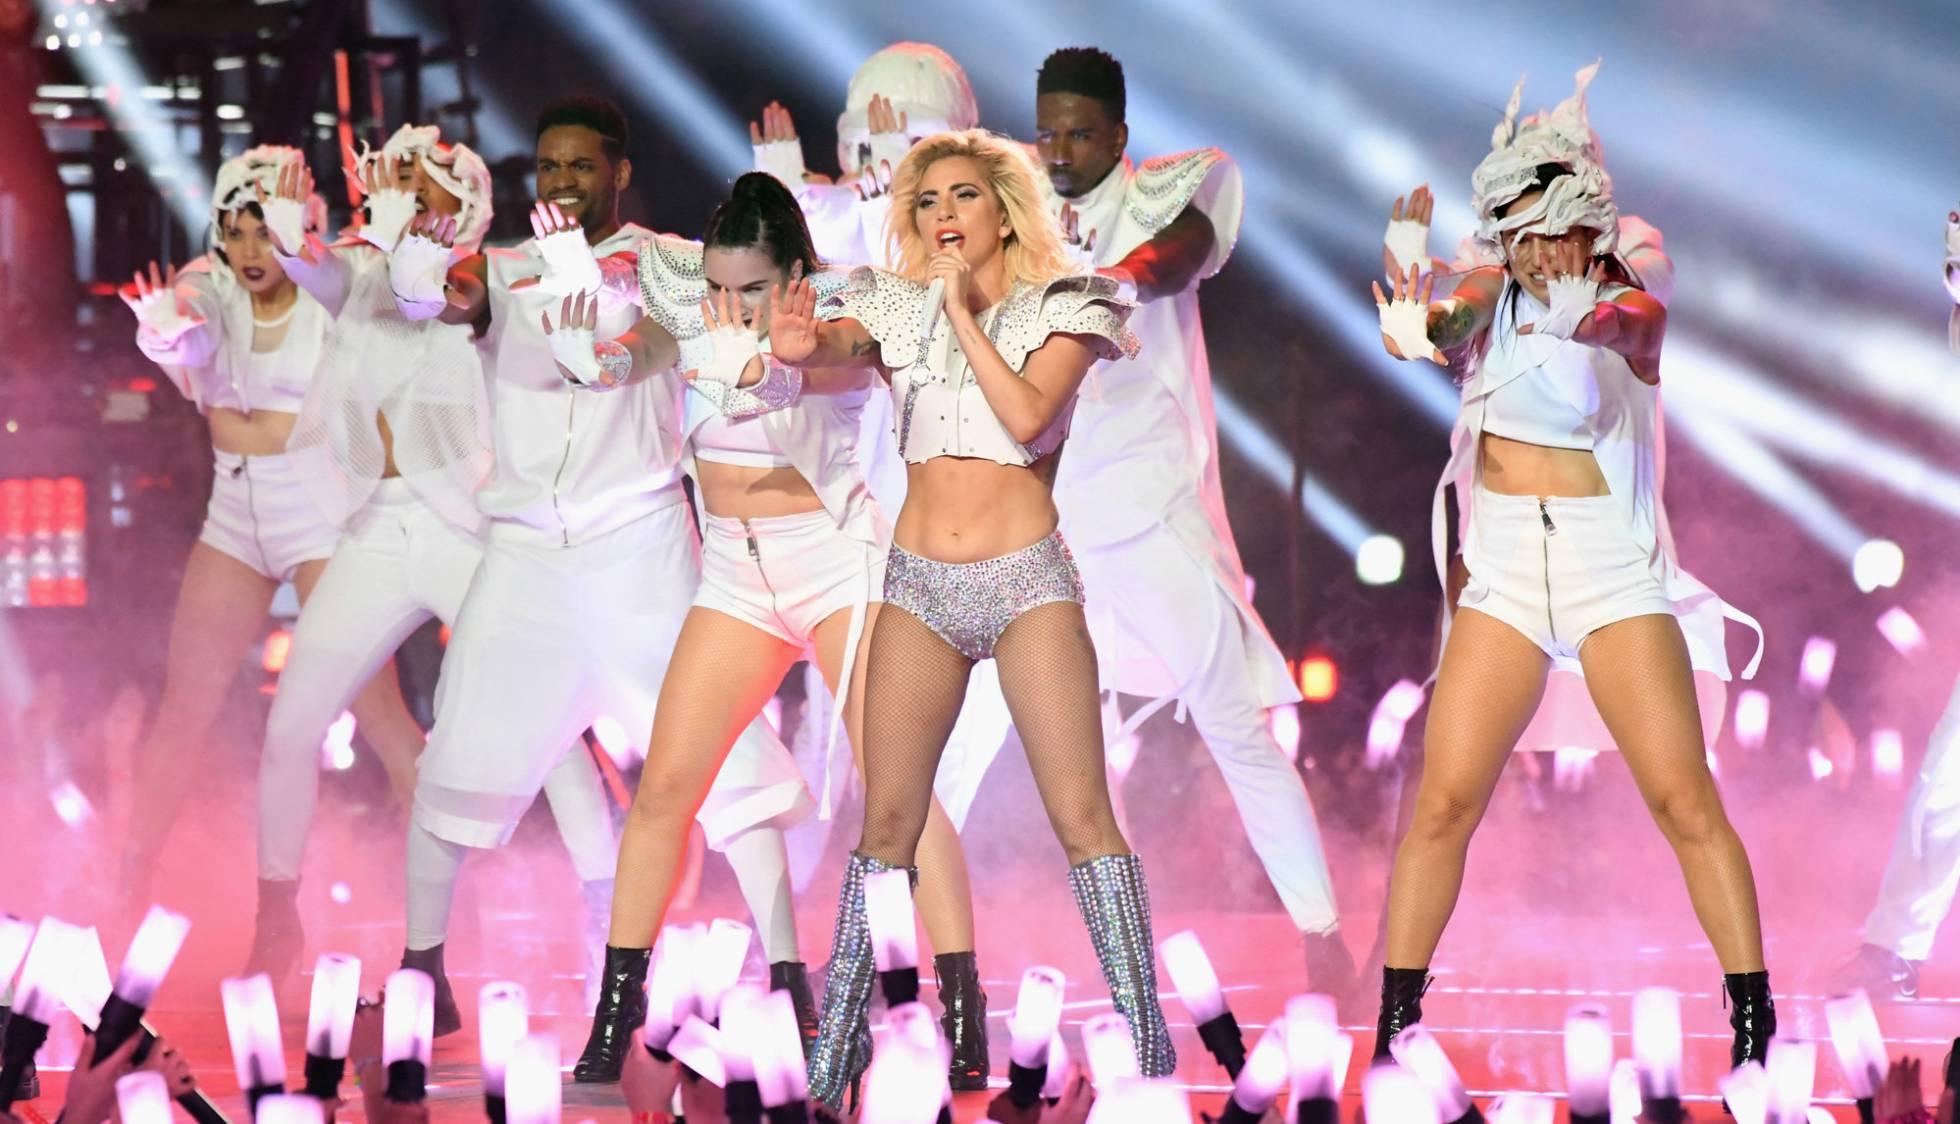 Lady Gaga arranca en Vancouver la gira que llegará a Barcelona el 21 de septiembre.